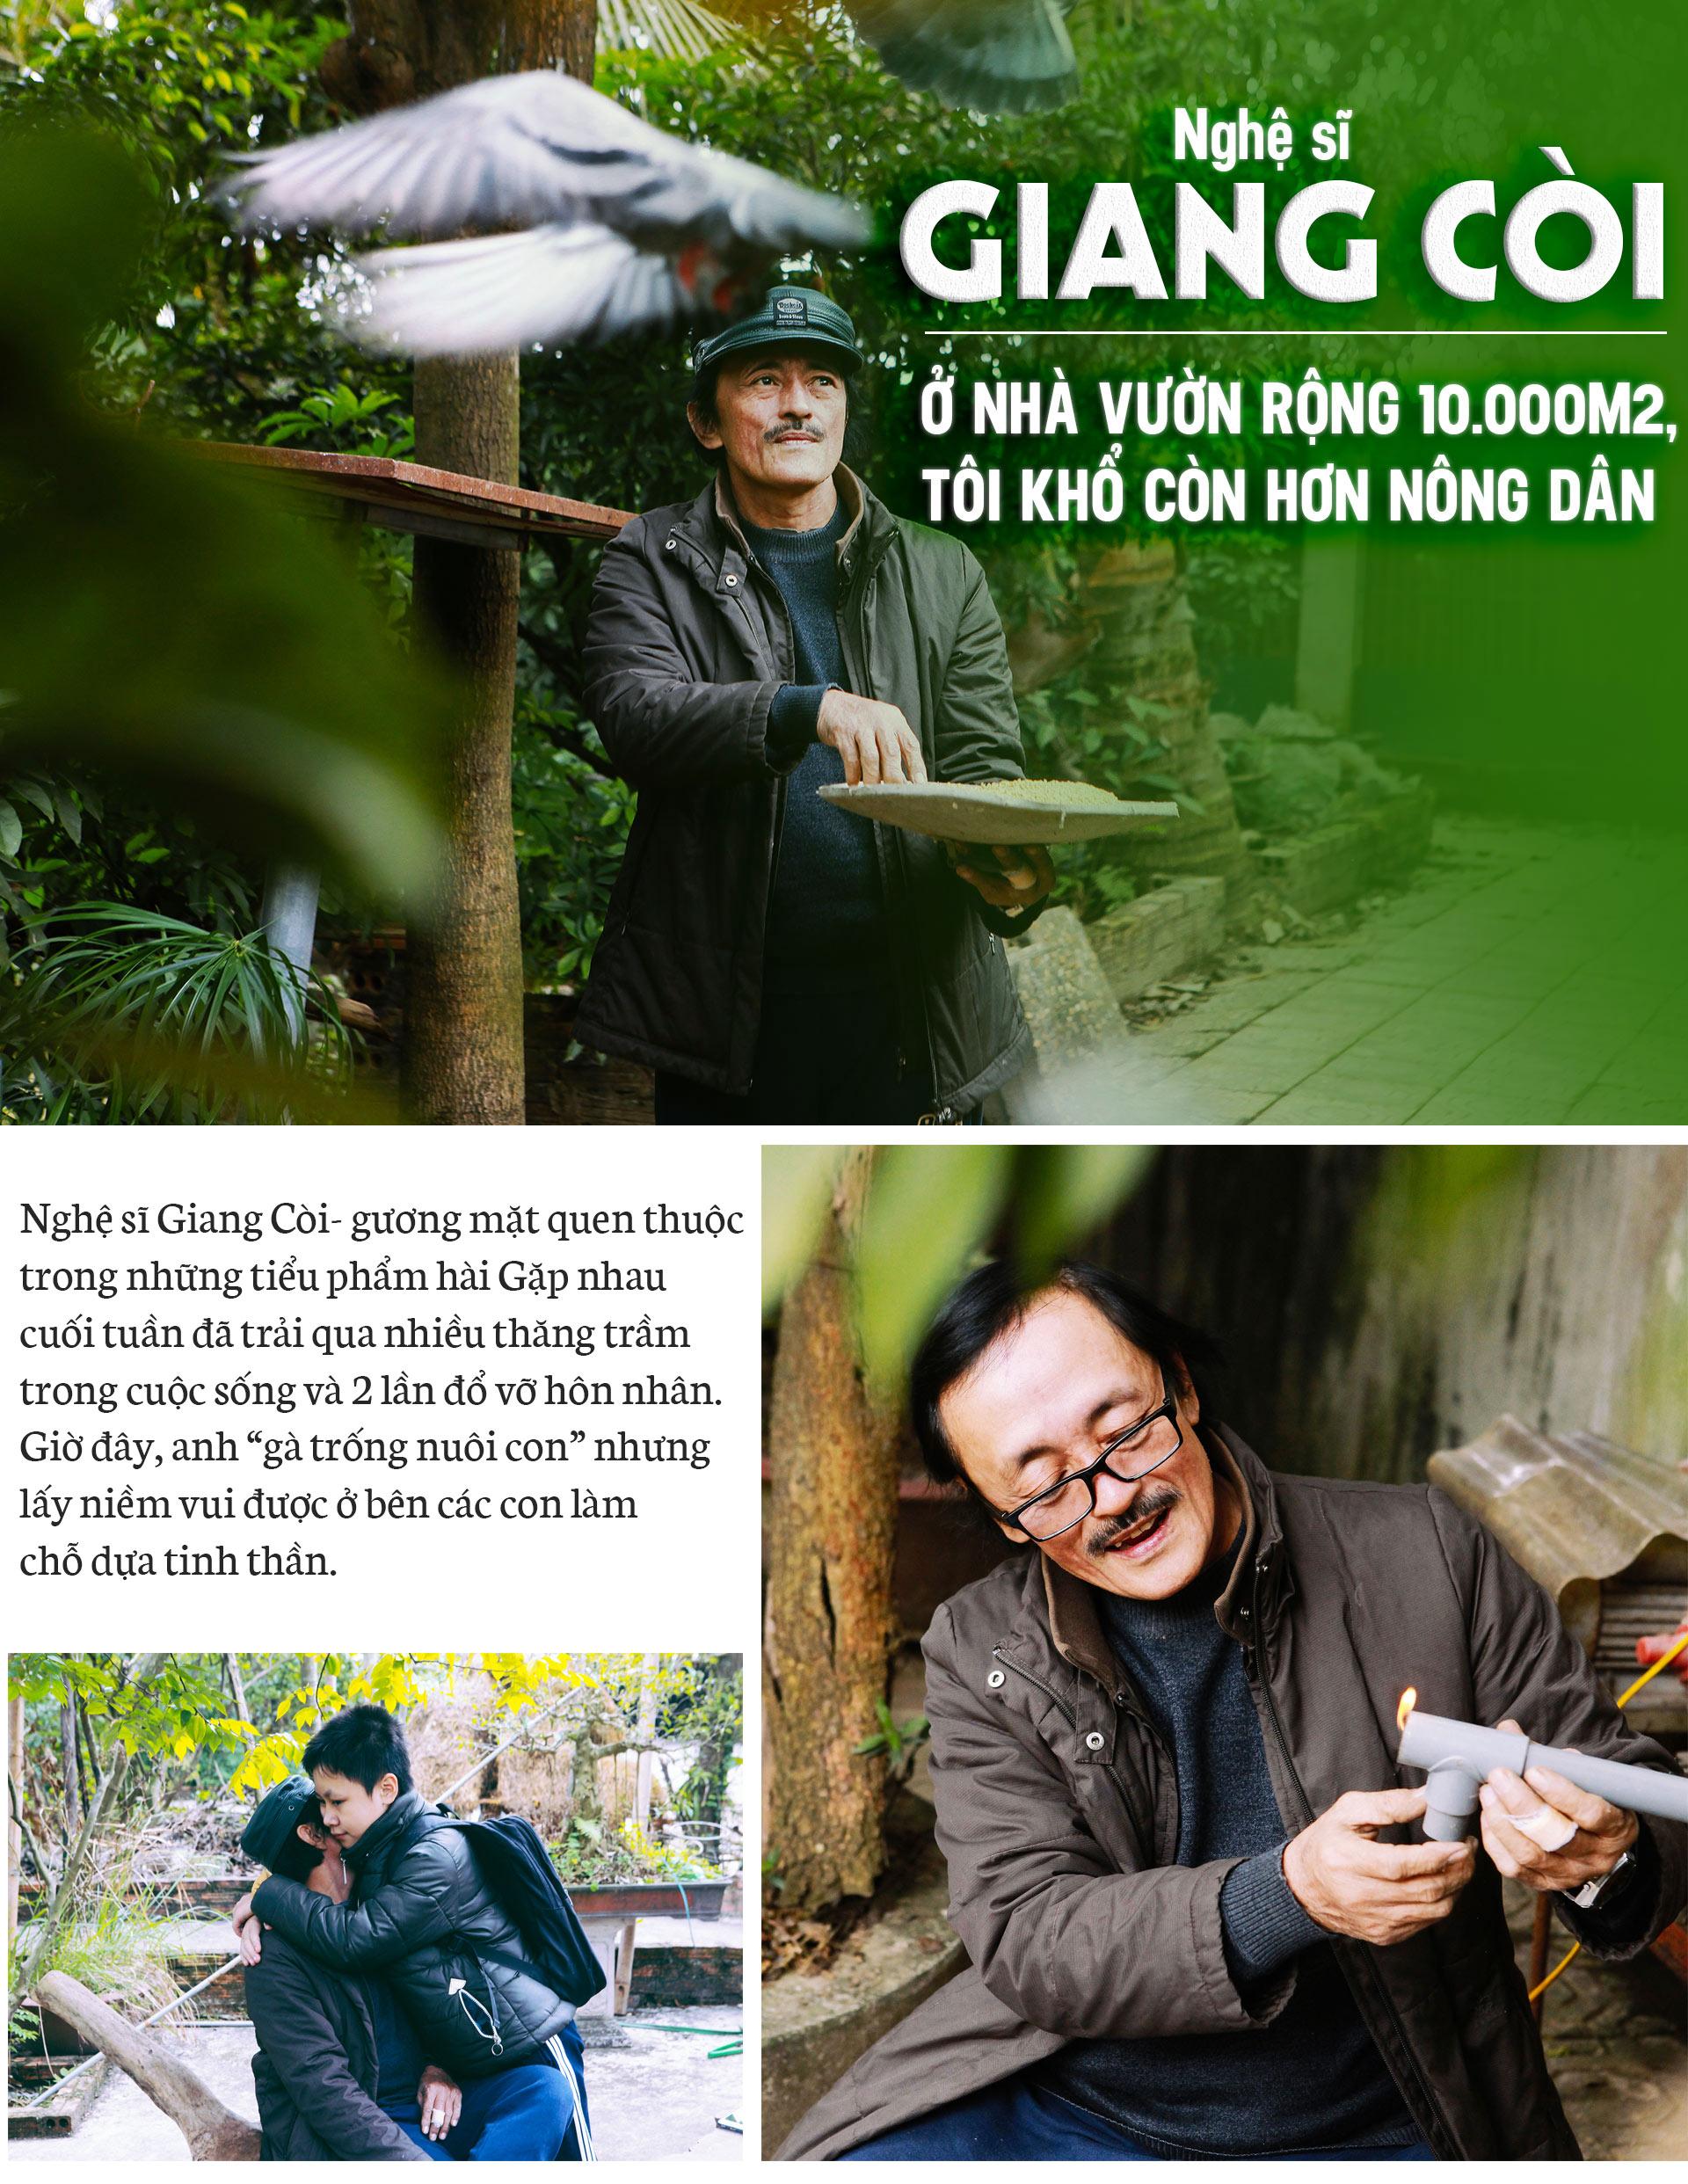 Nghệ sĩ Giang Còi: Ở nhà vườn rộng 10.000m2, tôi khổ còn hơn nông dân - 1